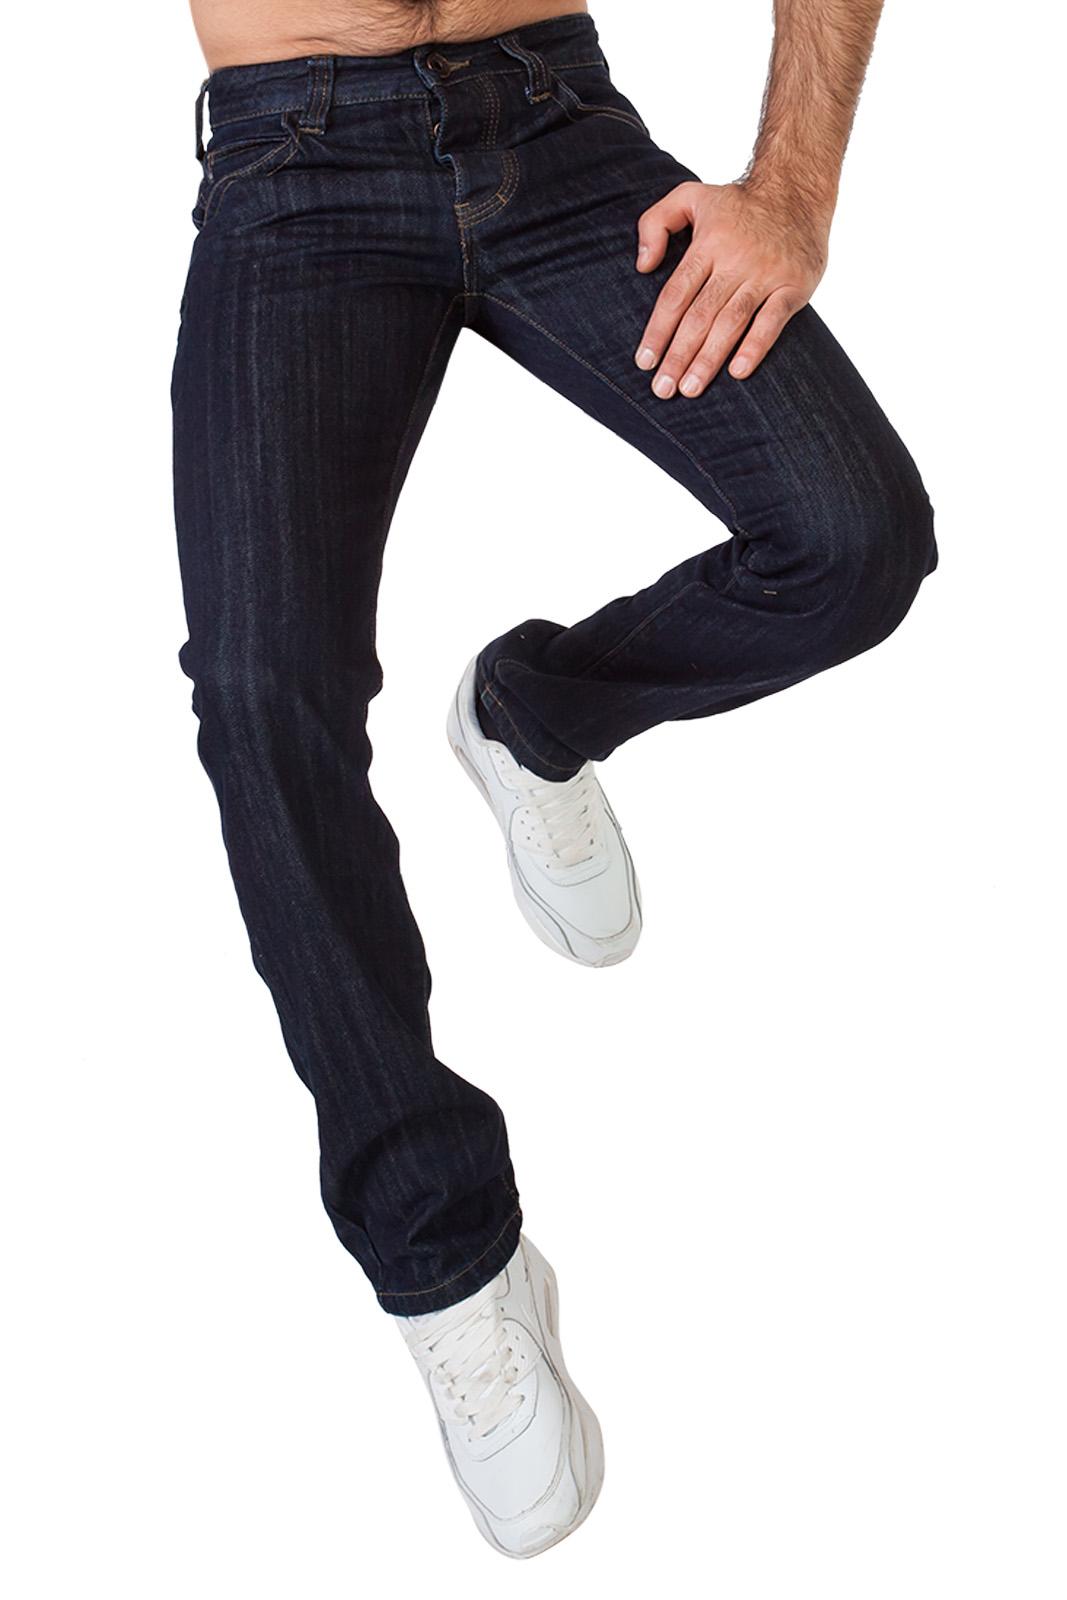 Модные мужские джинсы по хорошей цене – всего 1499 р, и это за БРЕНД!